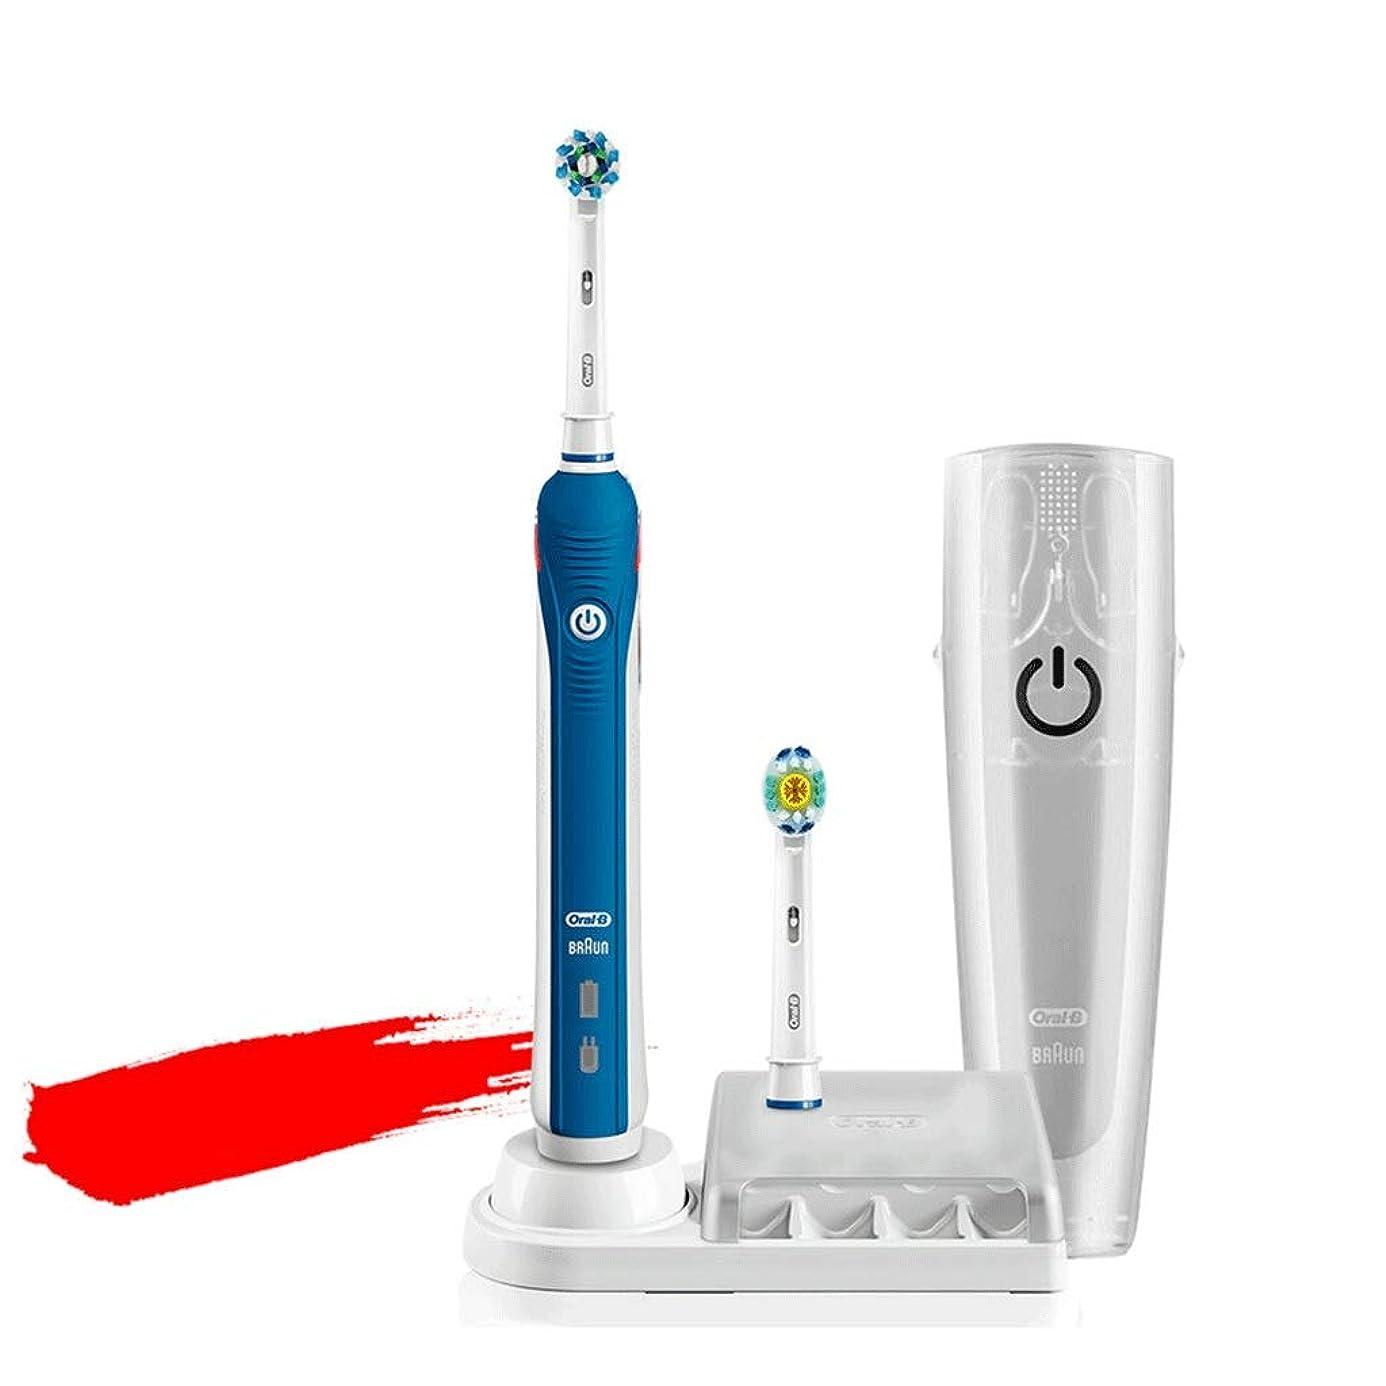 ラップトップ最小ベギン電動歯ブラシ ?DDYS3D Sonic Vibration電動歯ブラシ大人用充電式歯ブラシ[ブラシヘッド付]